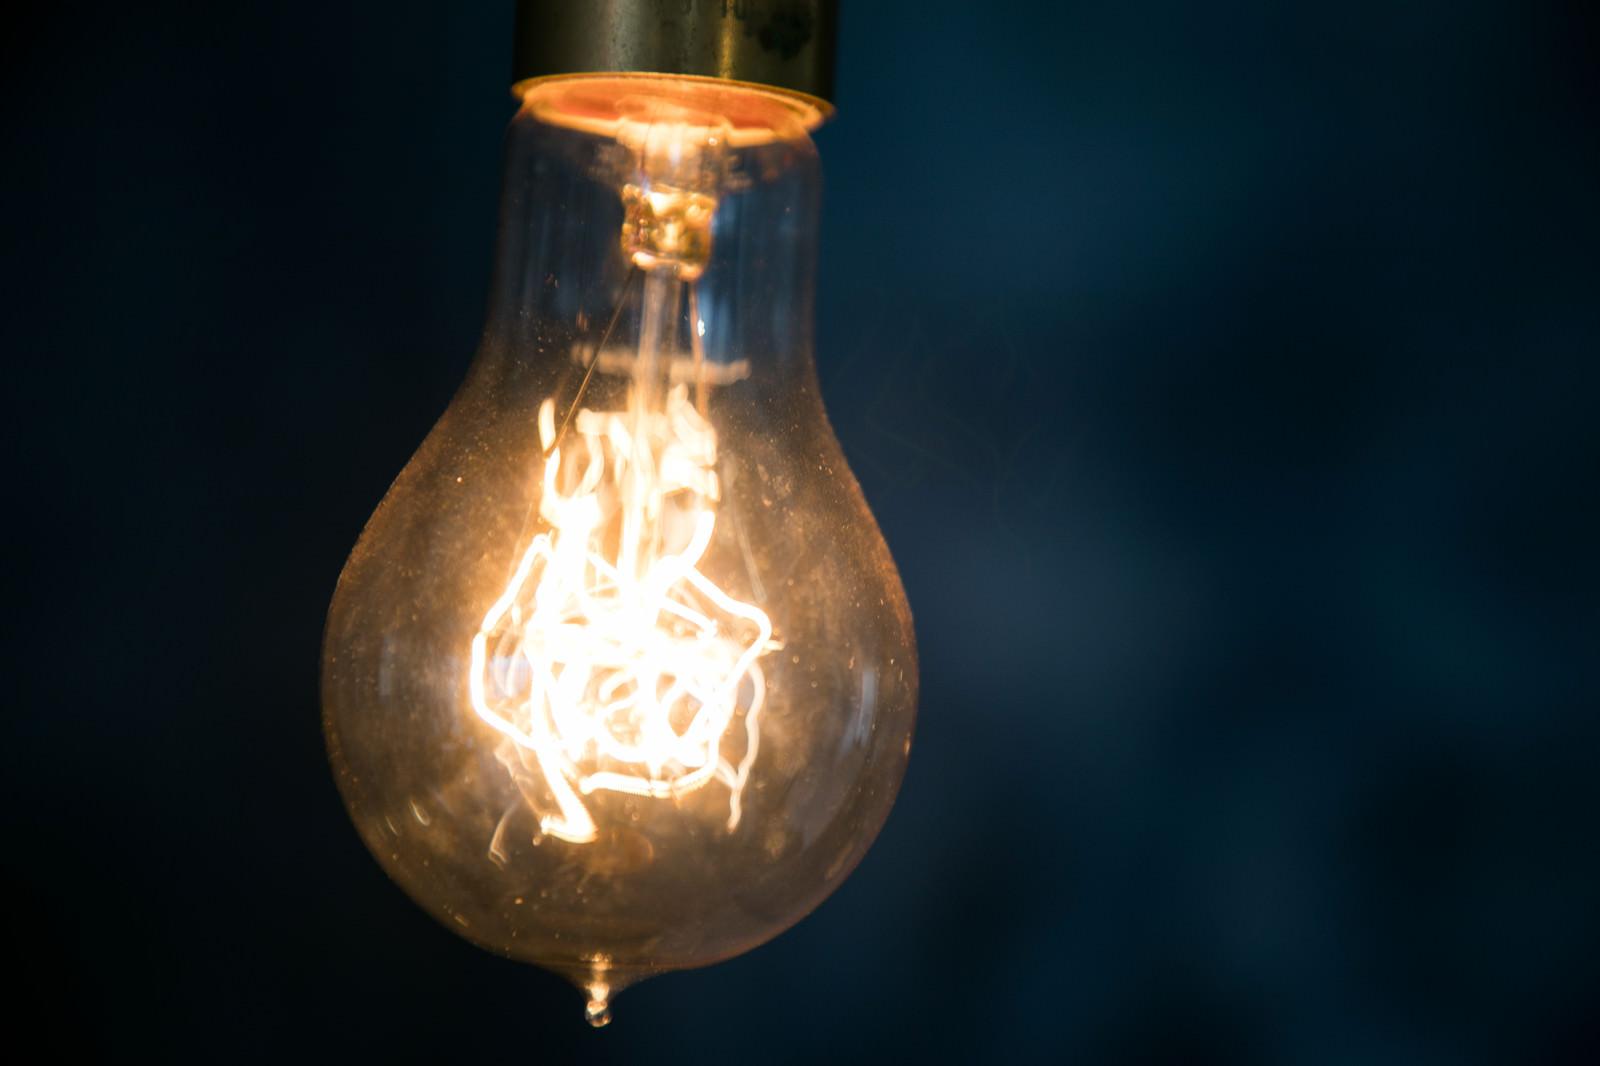 「おしゃれでアンティークな電球おしゃれでアンティークな電球」のフリー写真素材を拡大